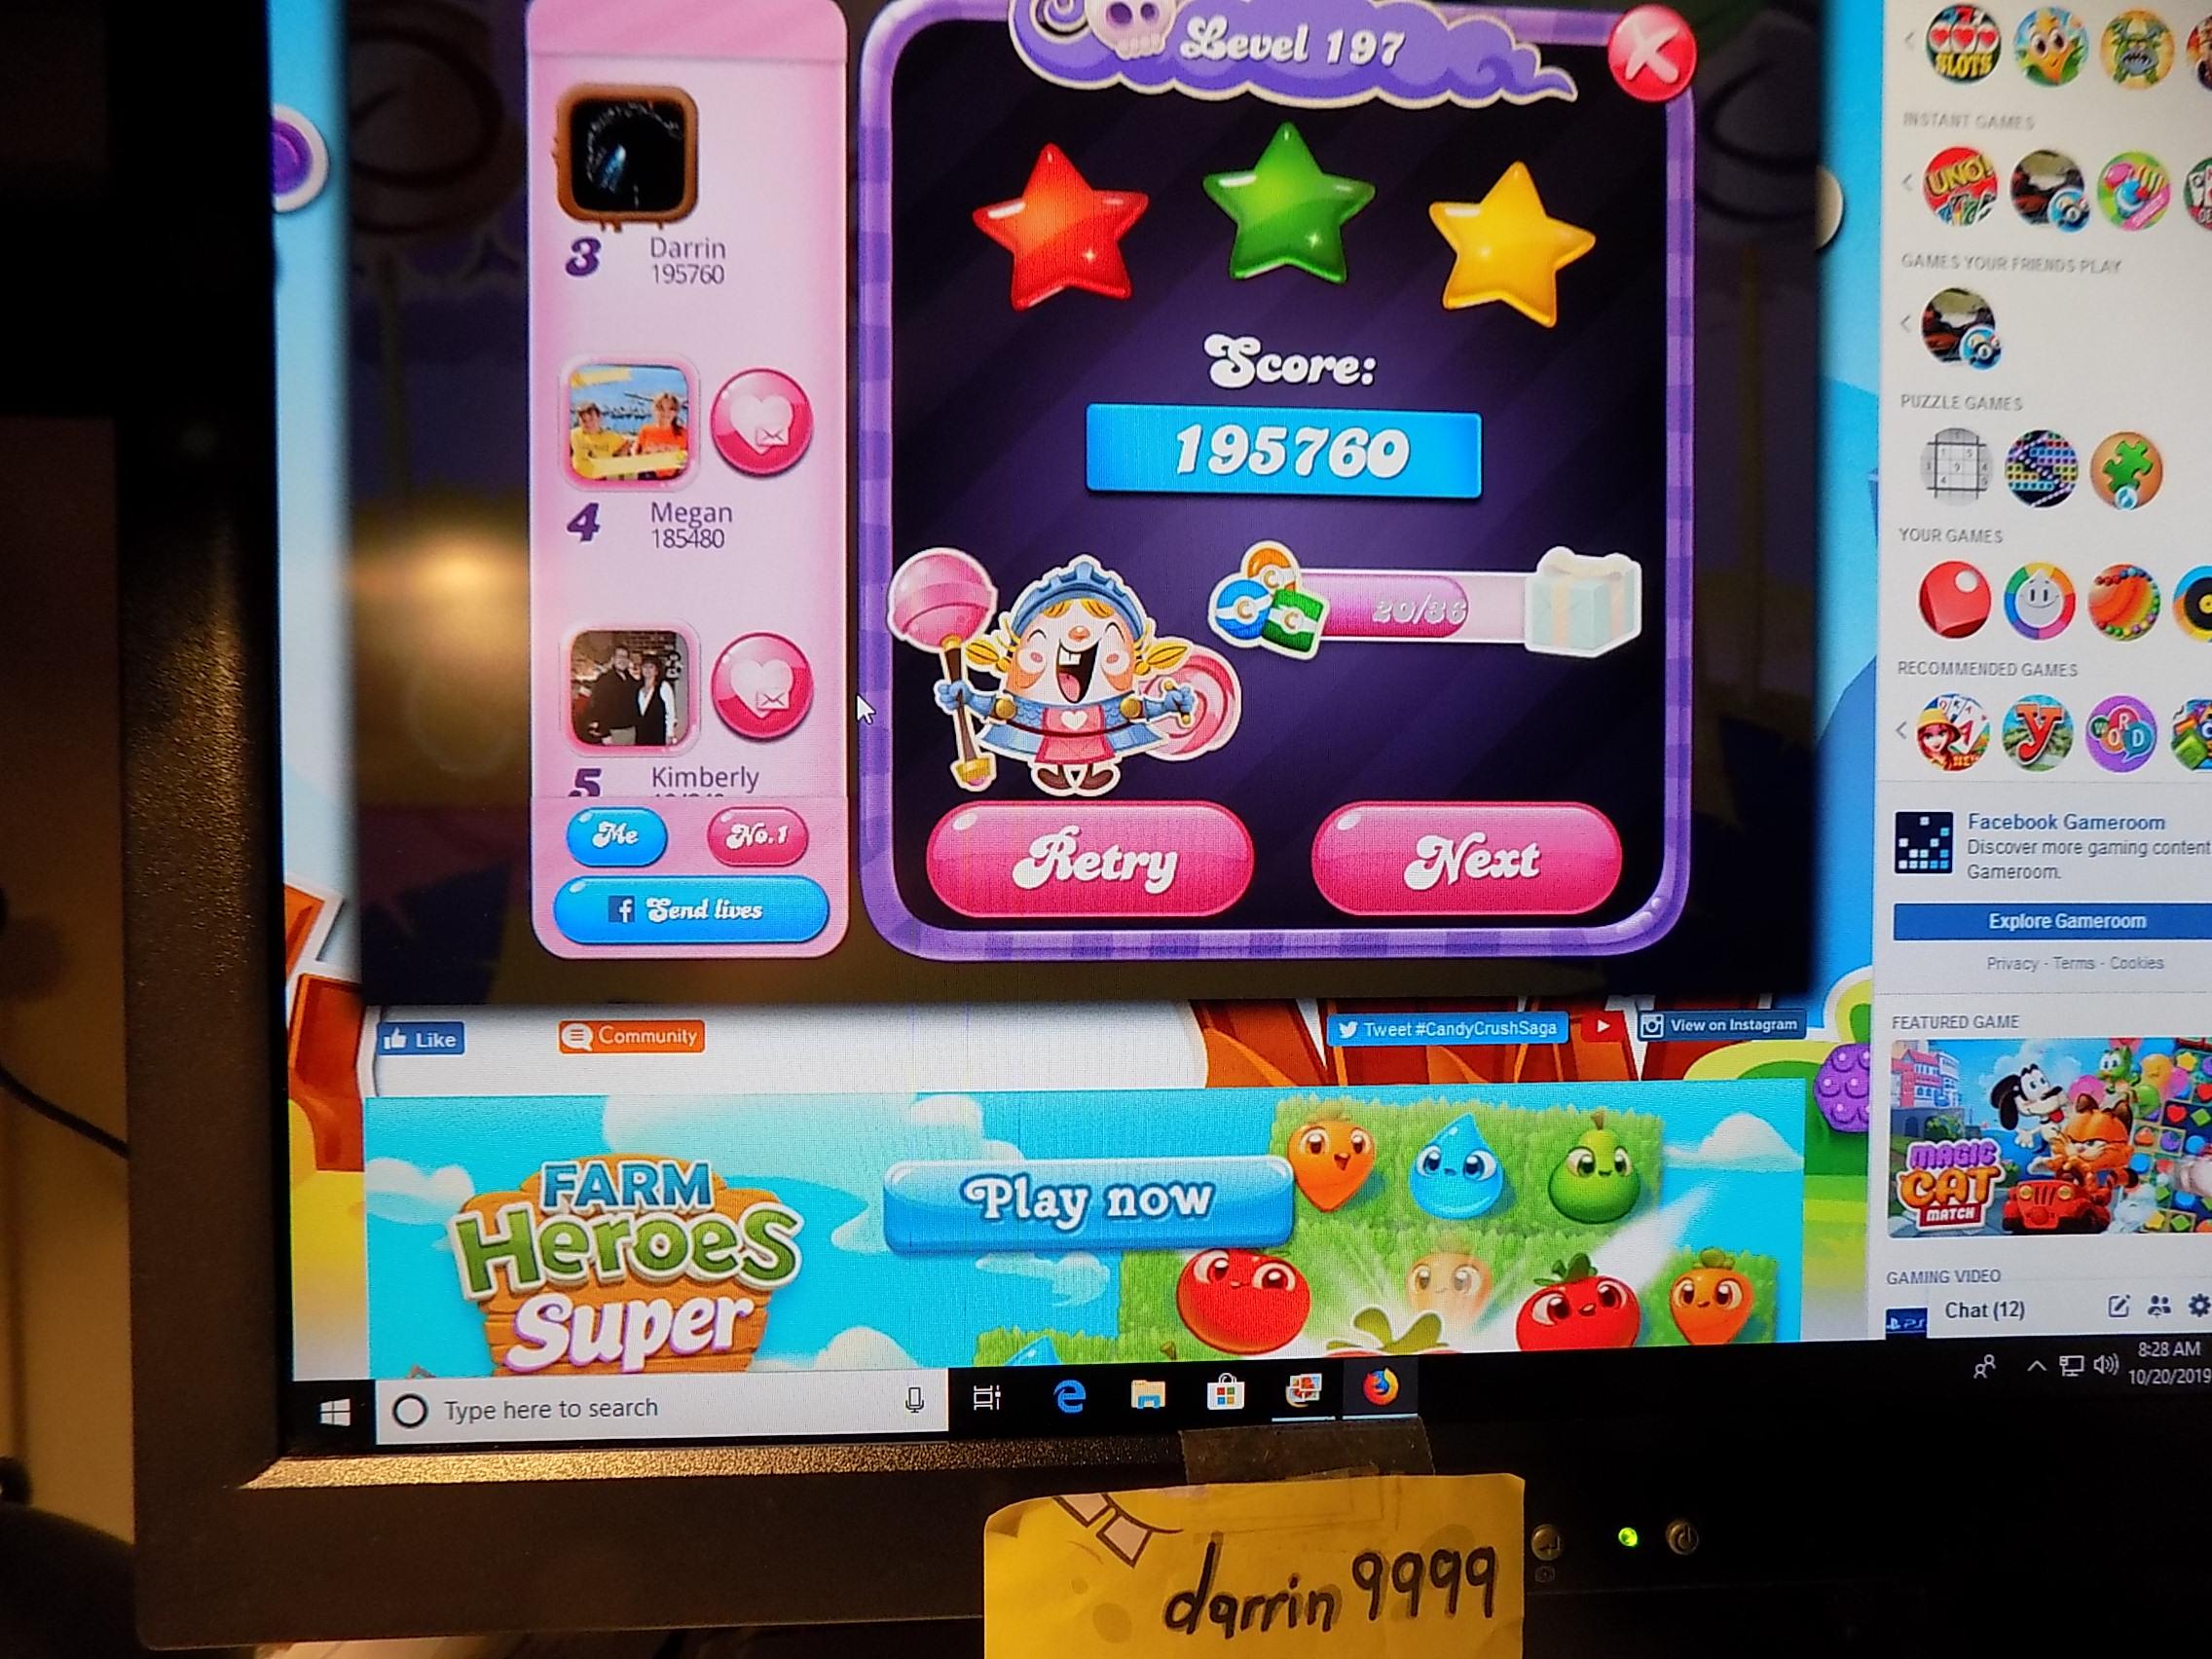 darrin9999: Candy Crush Saga: Level 197 (Web) 195,760 points on 2019-10-26 14:16:19